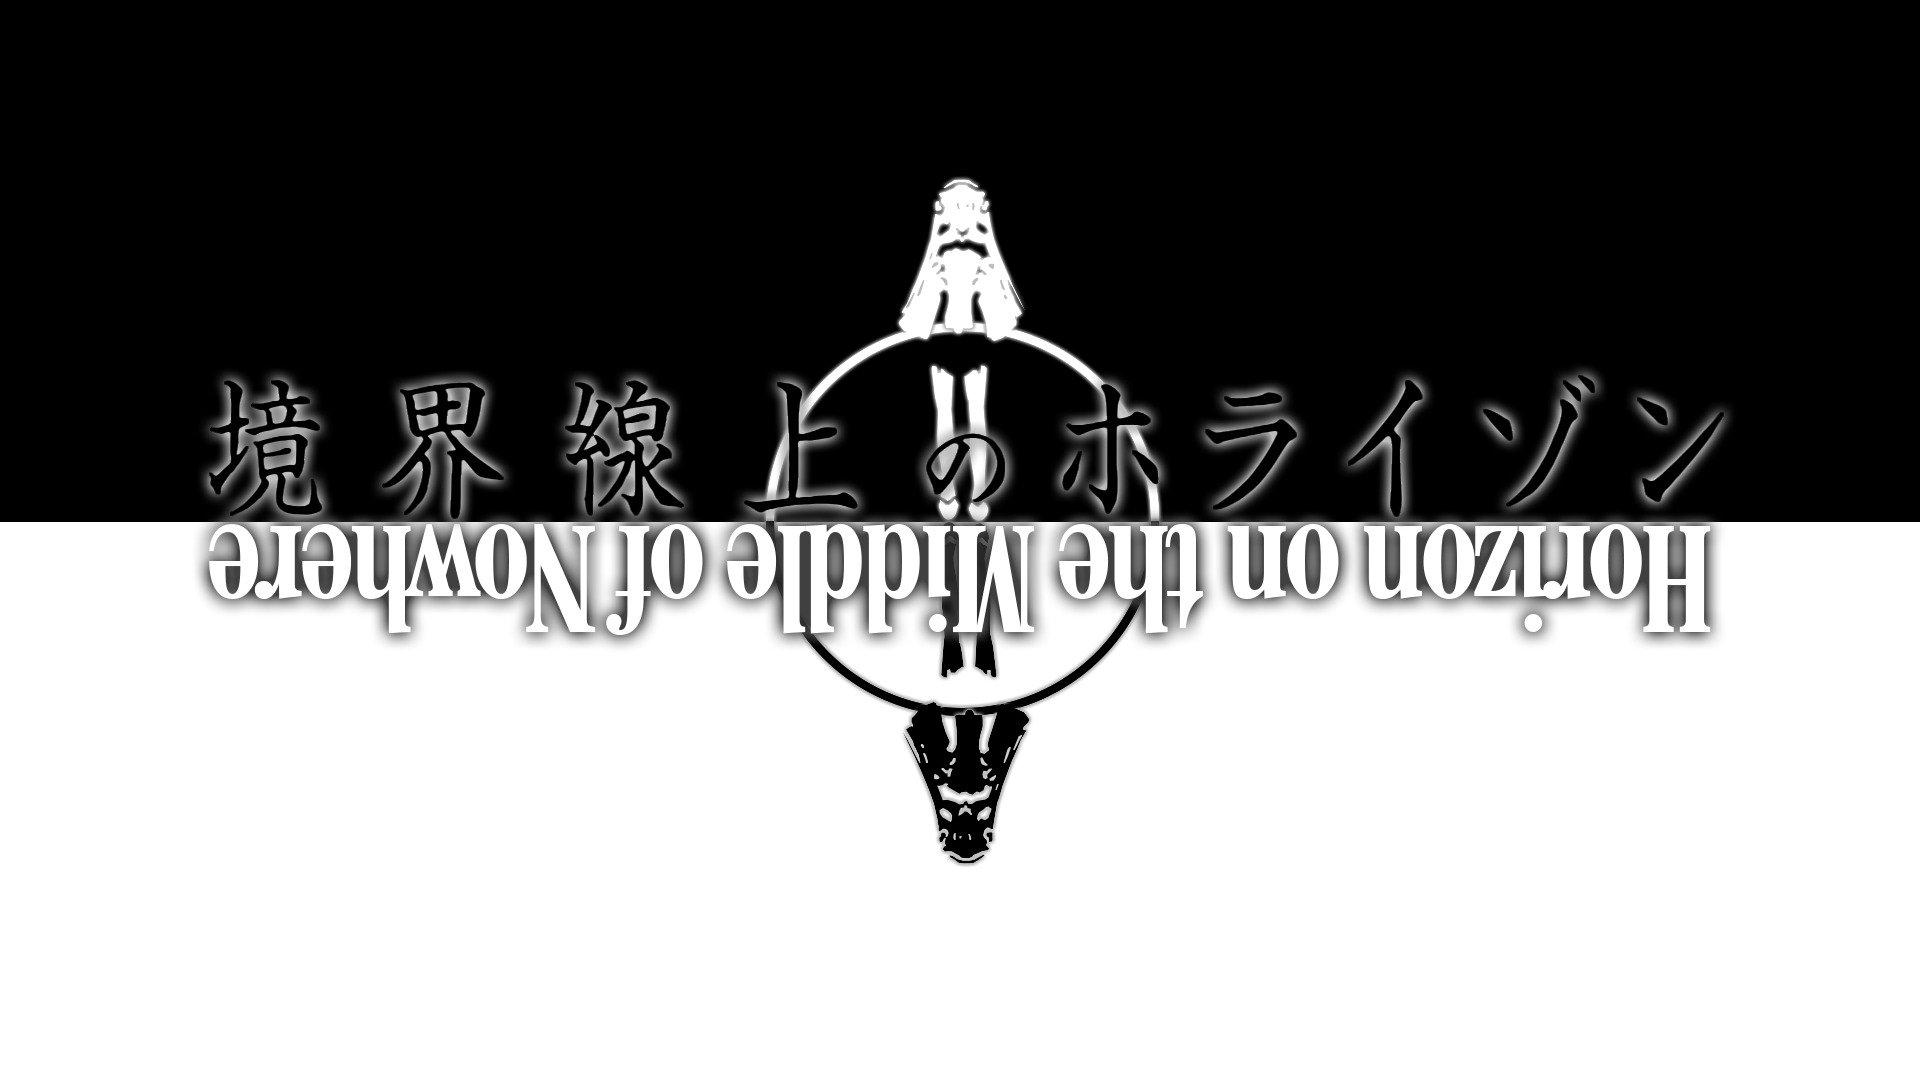 Kyoukai Senjou no Horizon, Horizon Ariadust, Anime Wallpaper